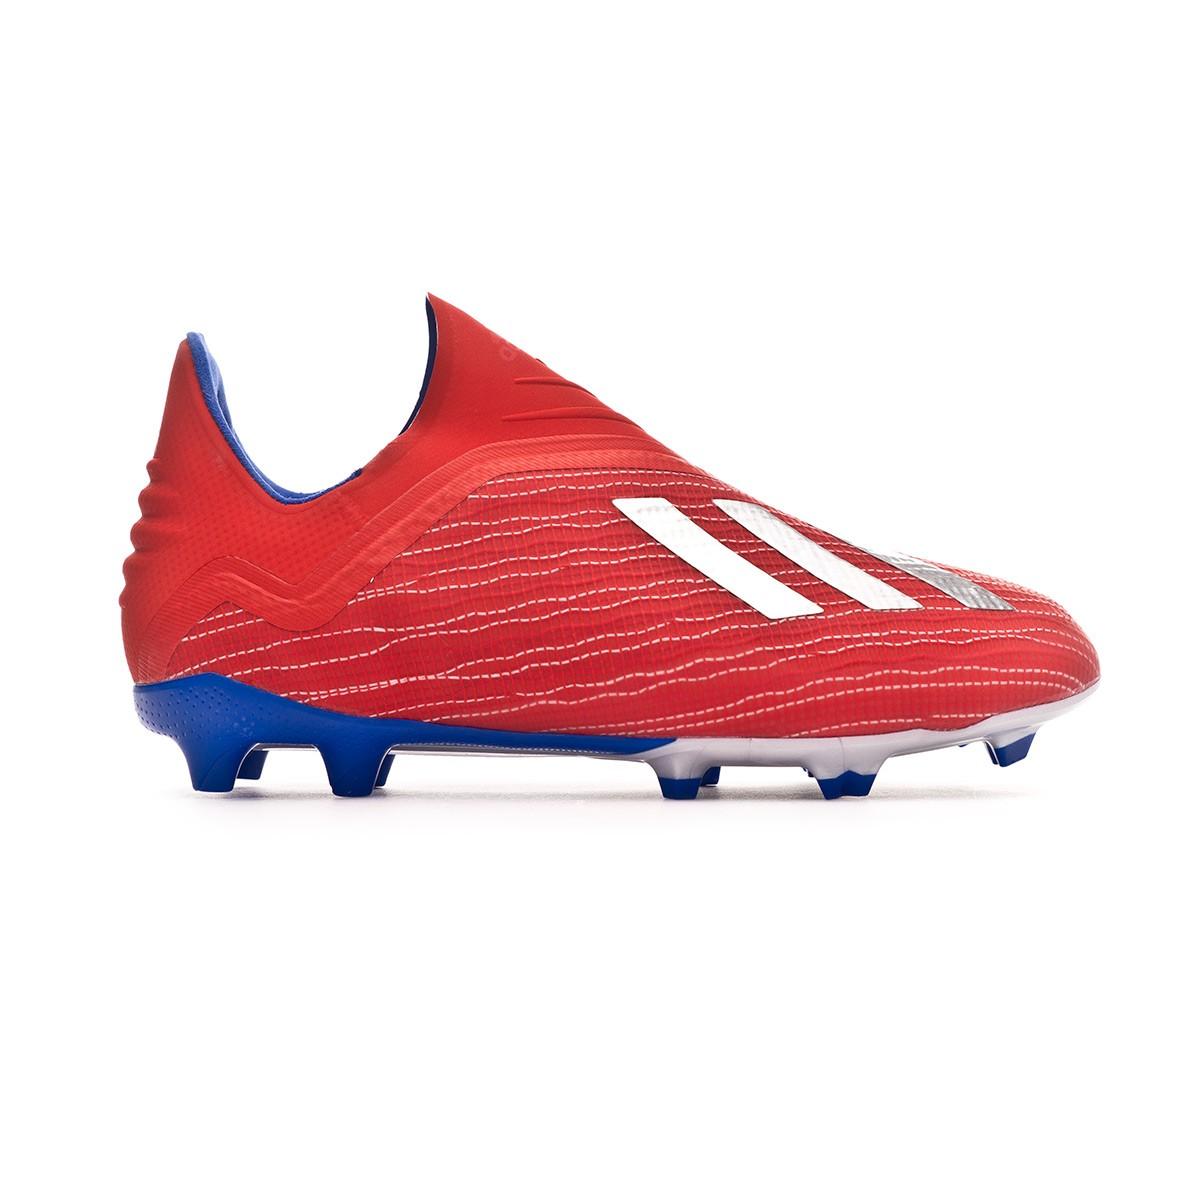 bd3f718745b54 Chuteira adidas X 18+ FG Crianças Active red-Silver metallic-Bold blue -  Loja de futebol Fútbol Emotion